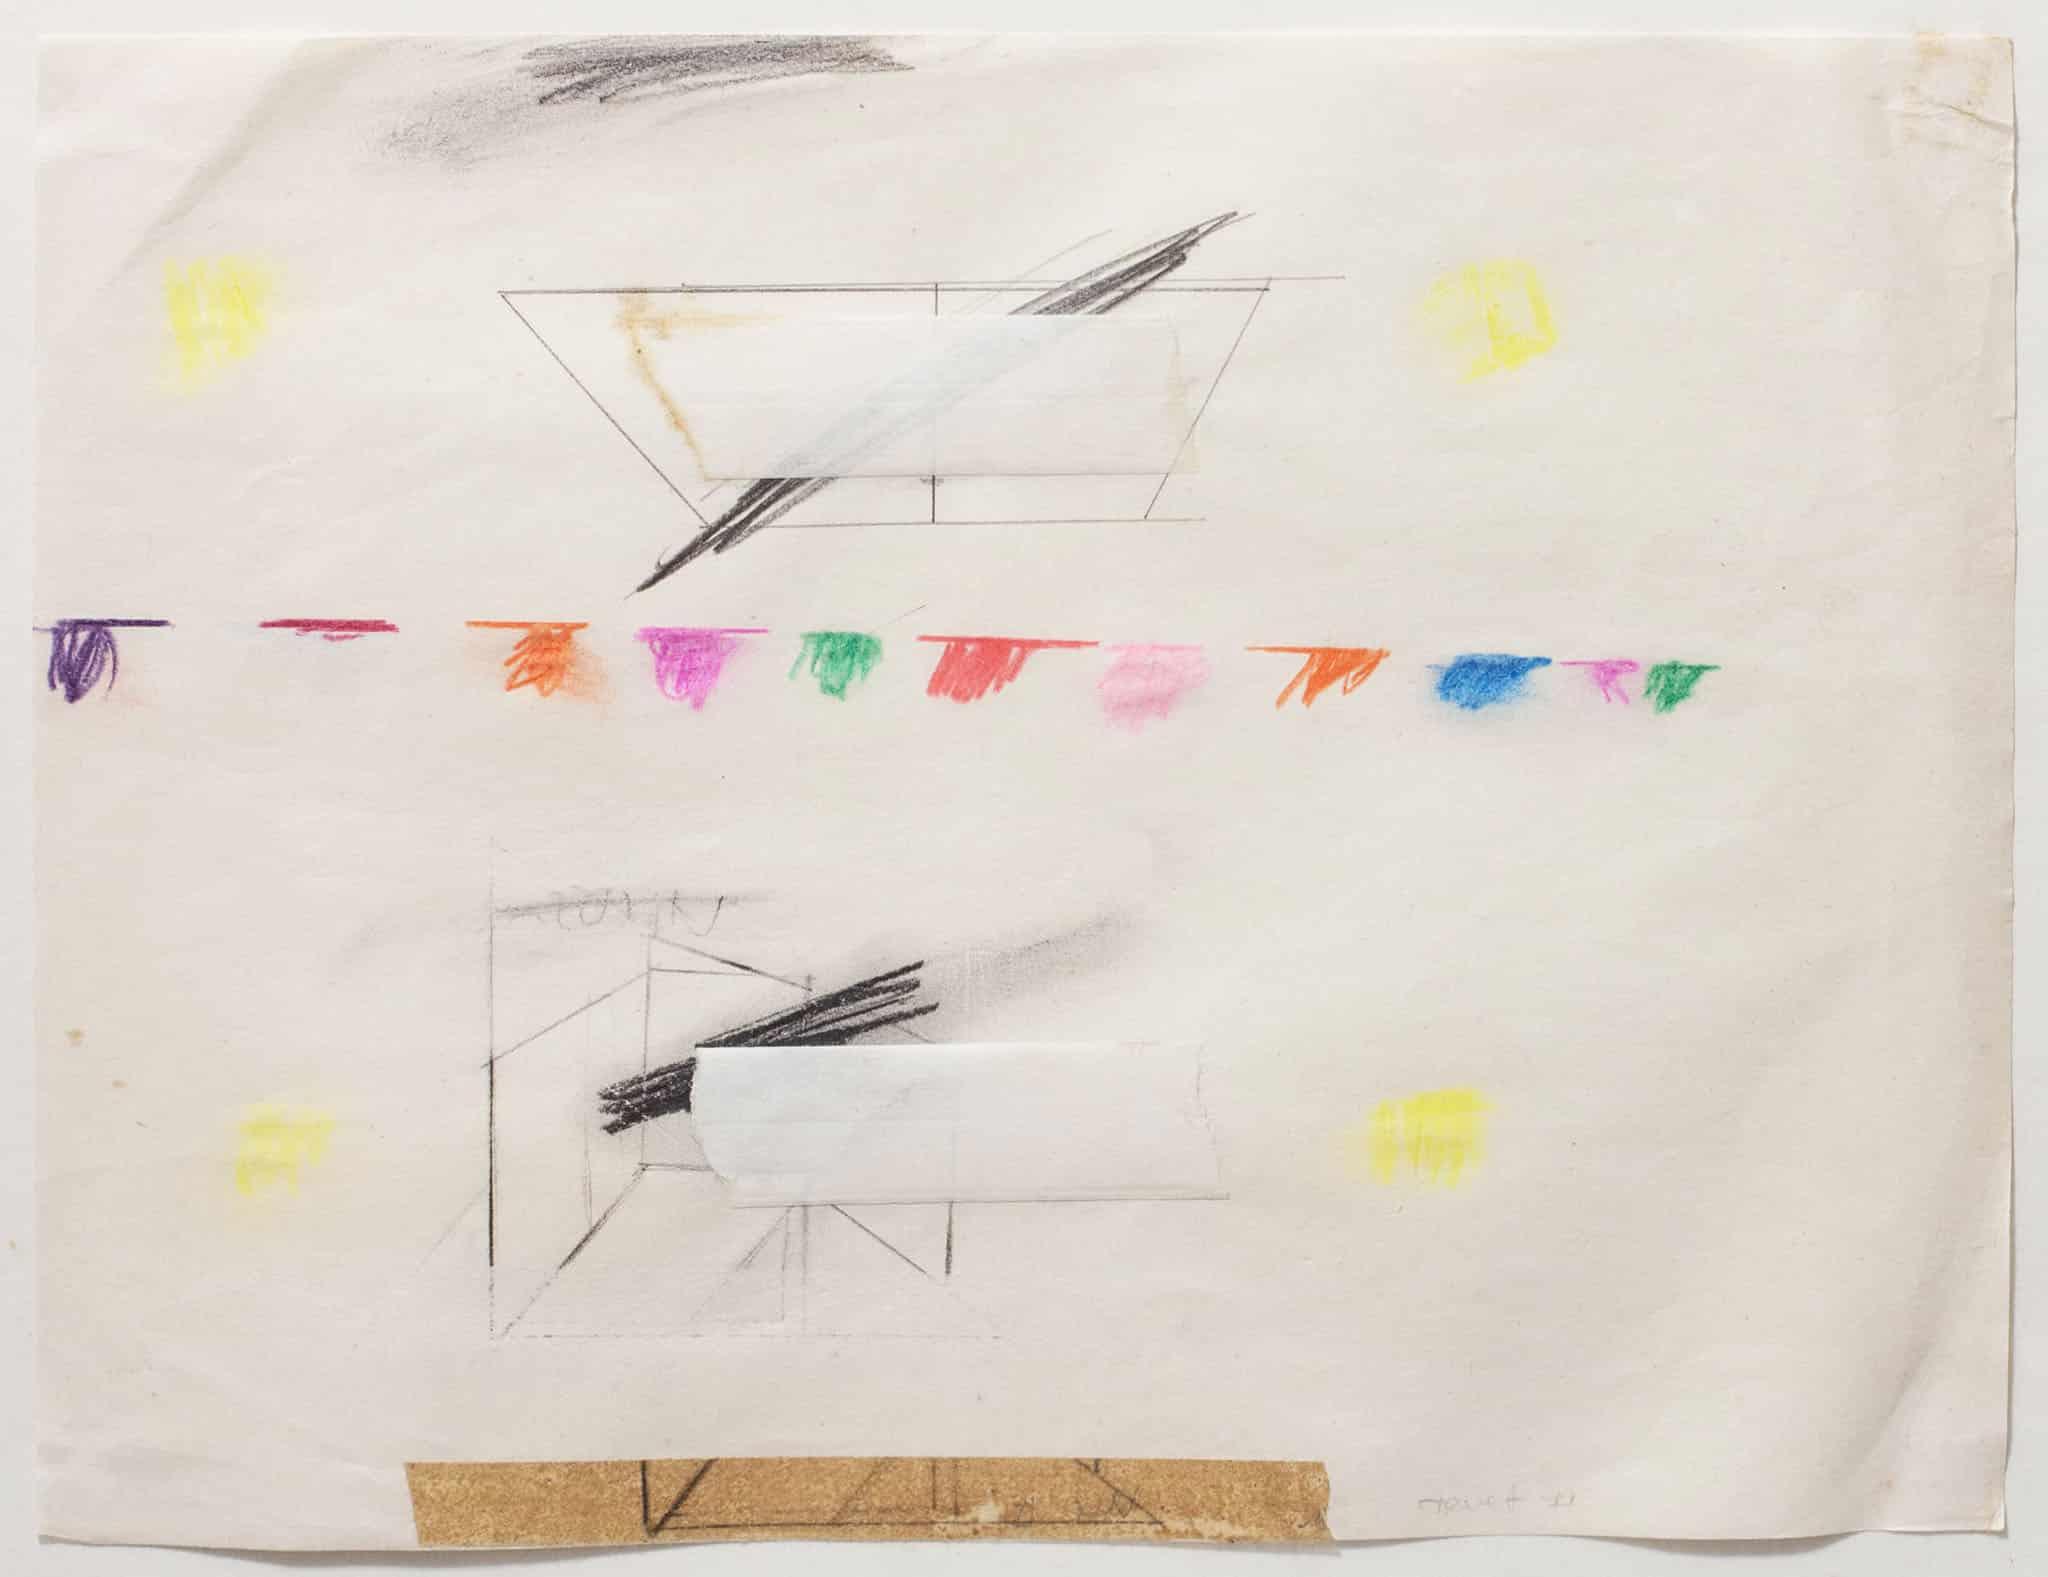 """נחום טבת, 1971, עפרונות צבעוניים על נייר, 28x21 ס""""מ"""